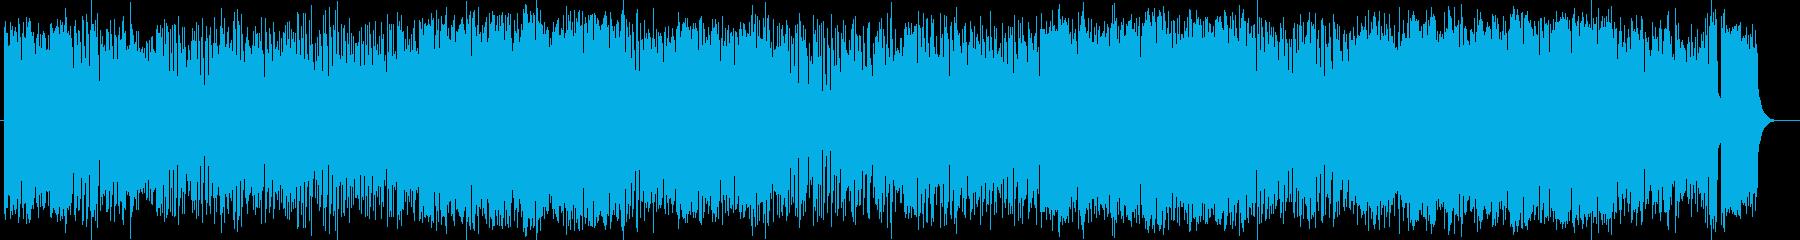 疾走感のある明るいミュージックの再生済みの波形